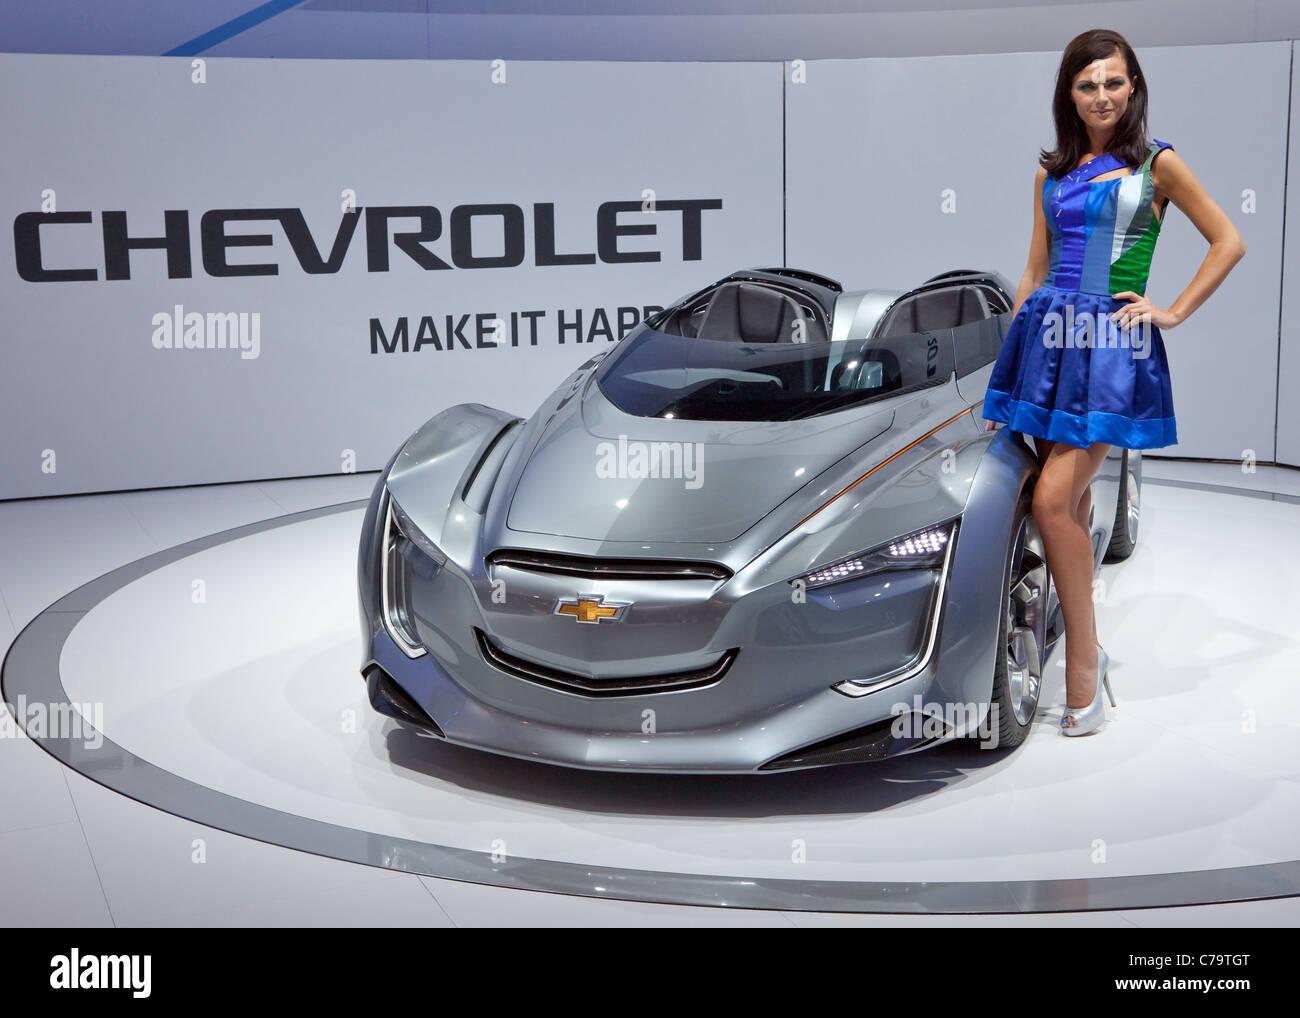 Nuevo Chevrolet Miray coche eléctrico en el IAA 2011 Salón Internacional del Automóvil de Frankfurt Imagen De Stock